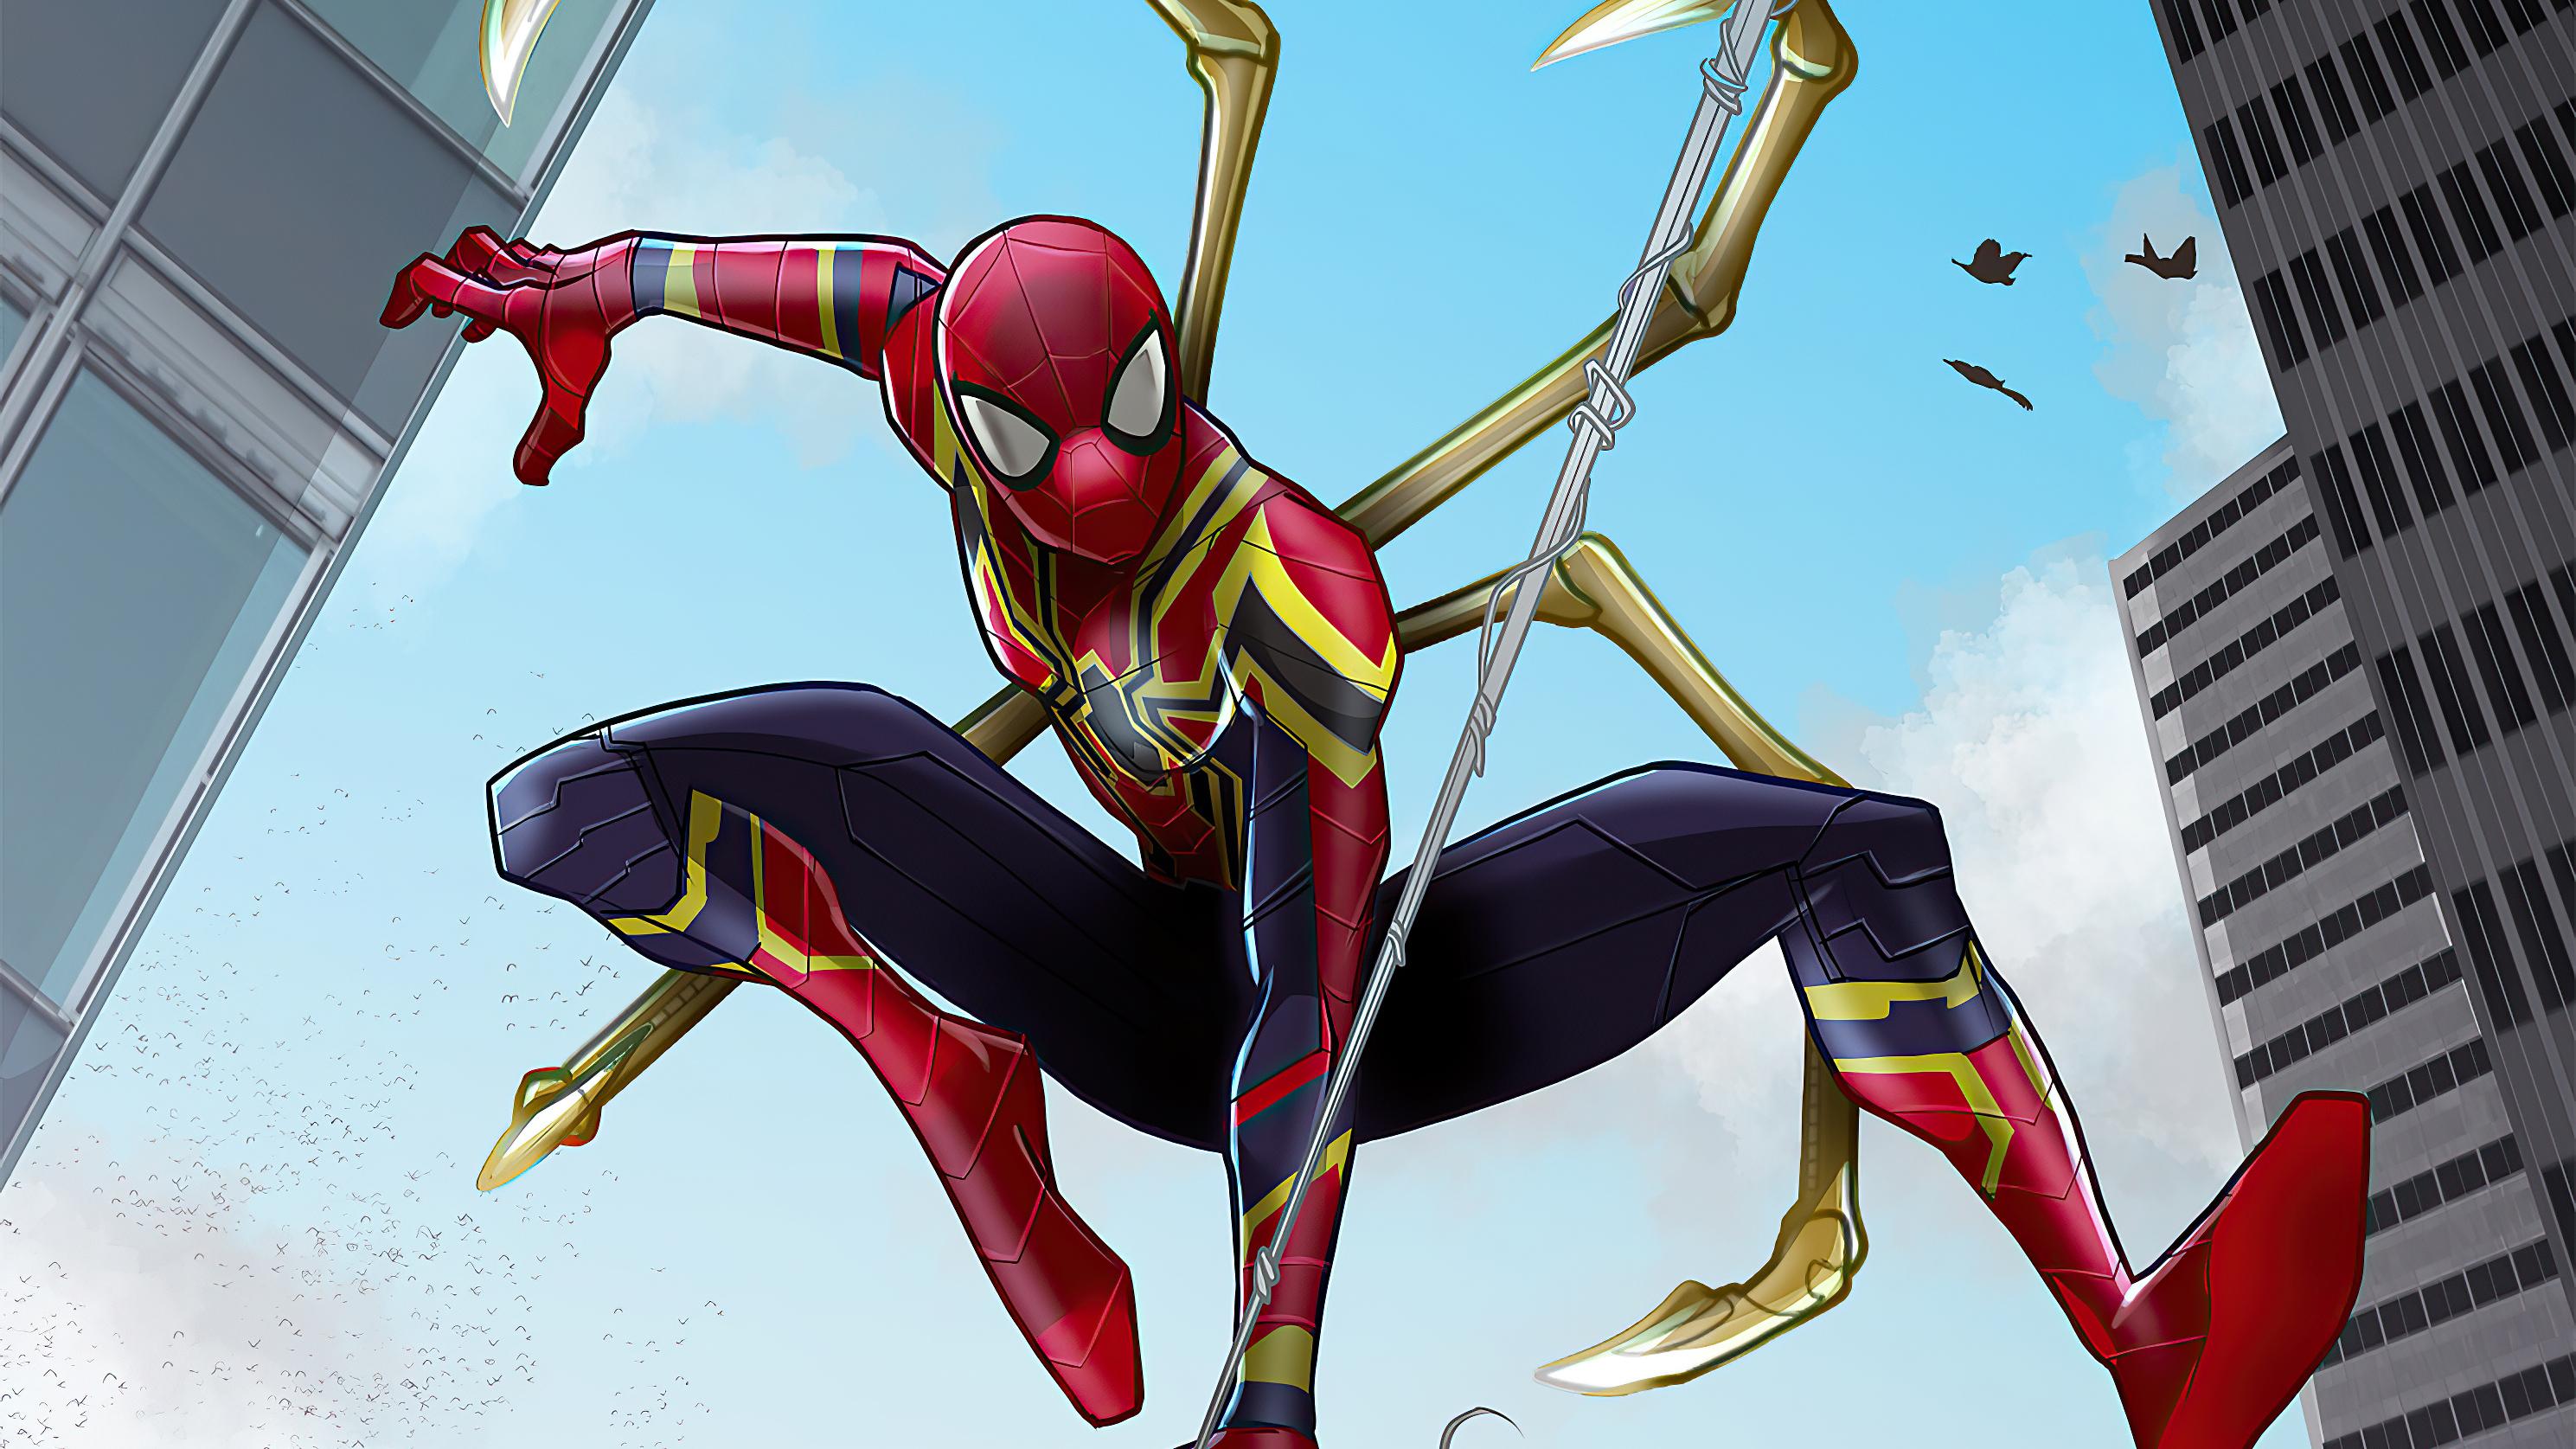 Marvel Comics Iron Spider 2978x1675